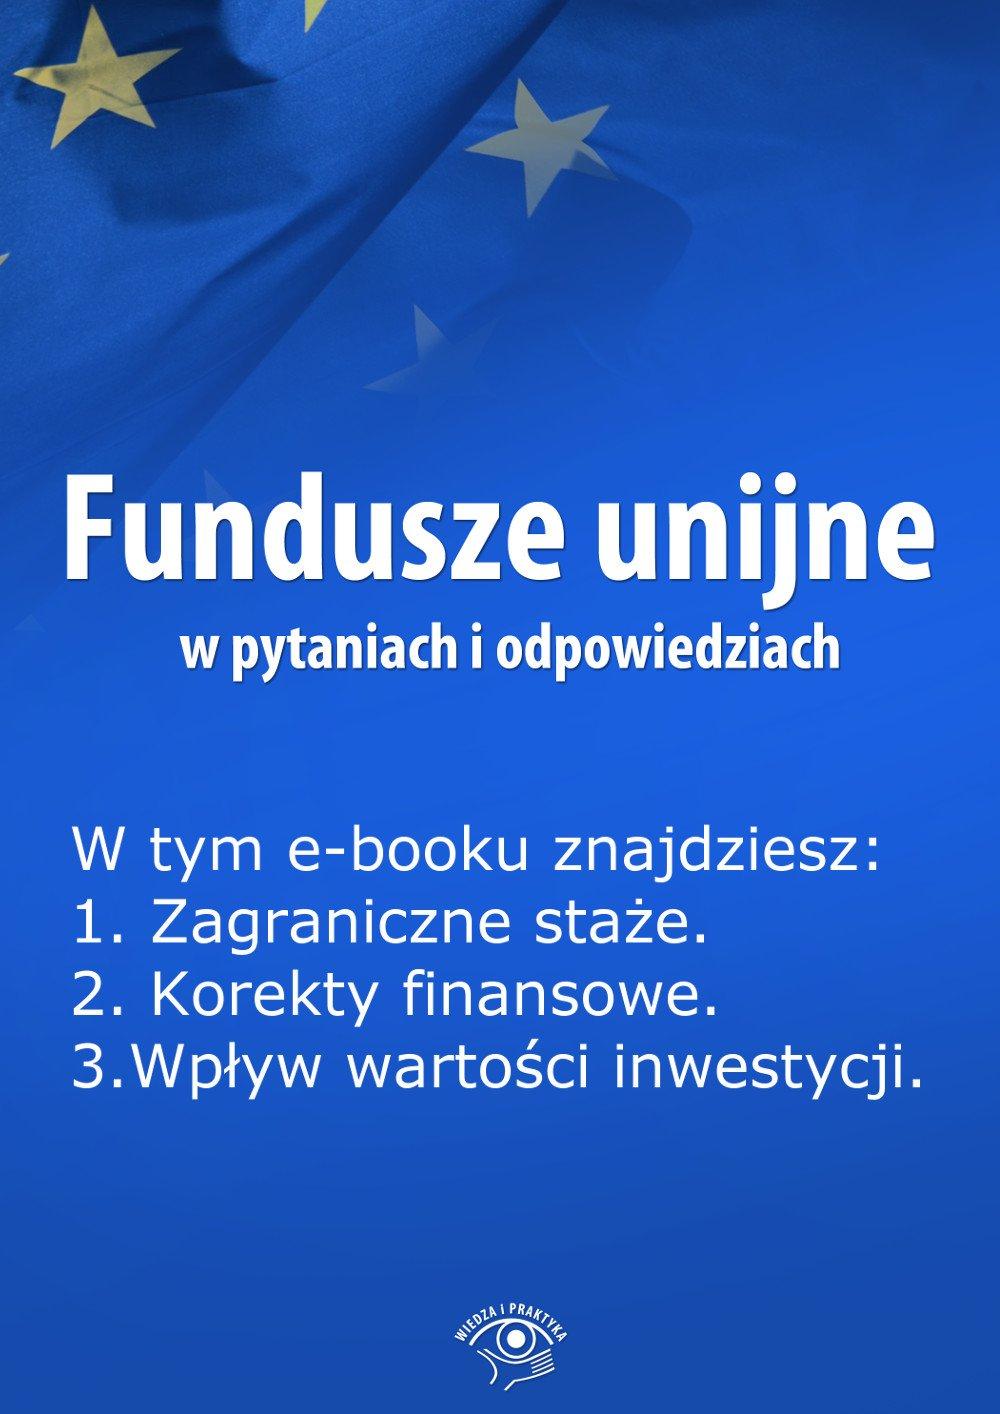 Fundusze unijne w pytaniach i odpowiedziach. Wydanie lipiec 2014 r. - Ebook (Książka EPUB) do pobrania w formacie EPUB